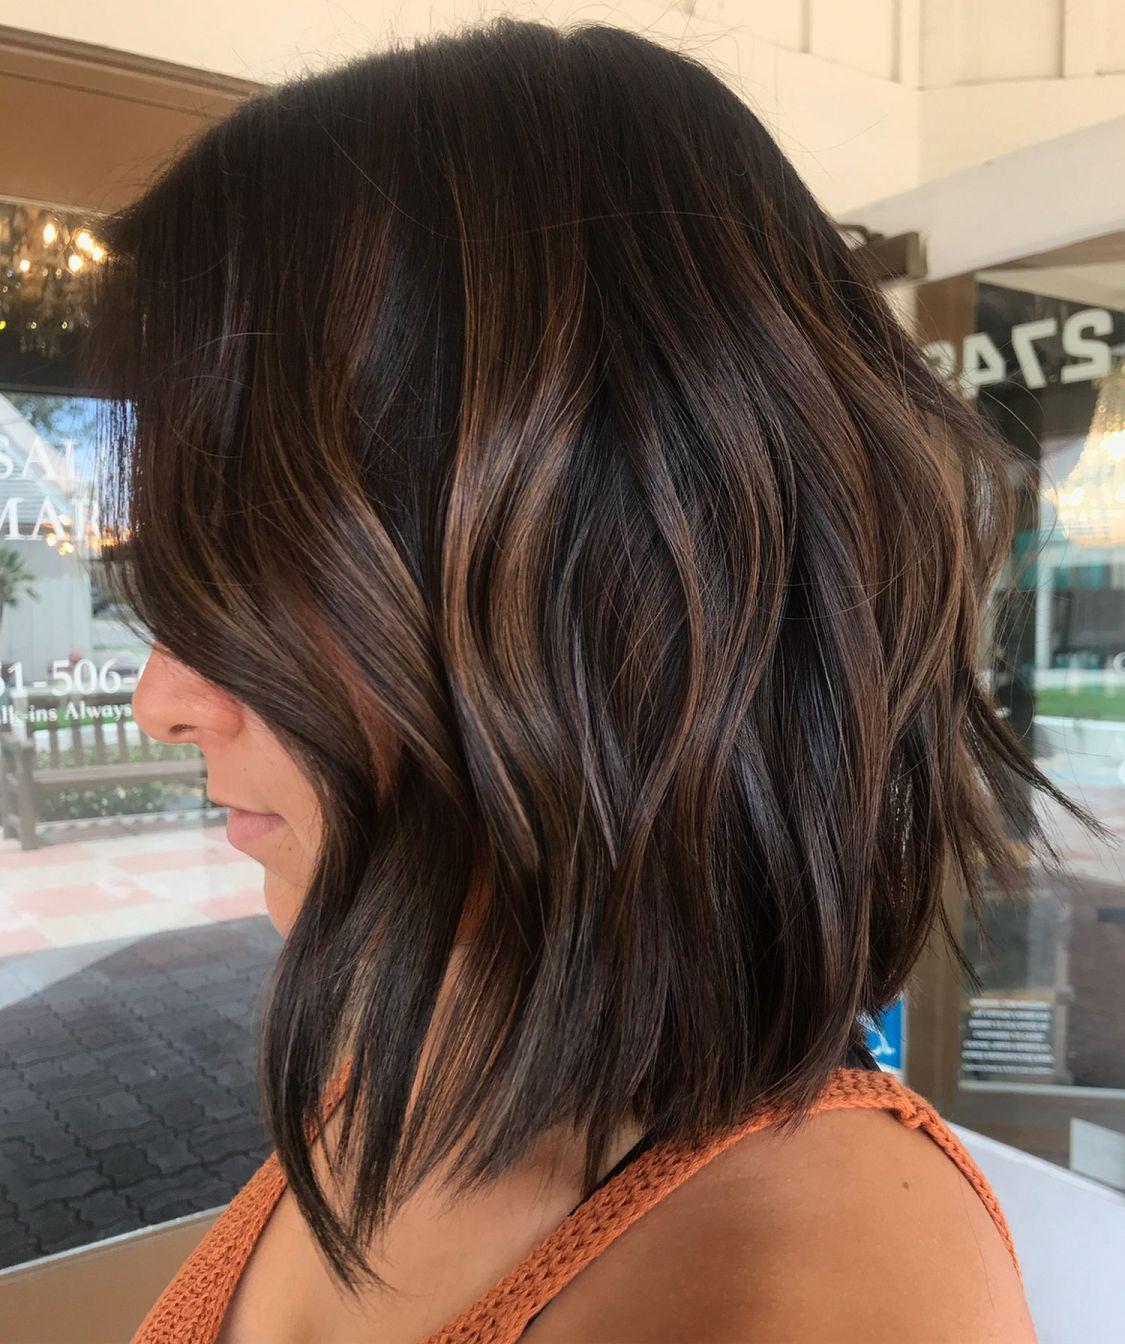 Subtle Brown Balayage Hair | Short hair balayage, Brown ...